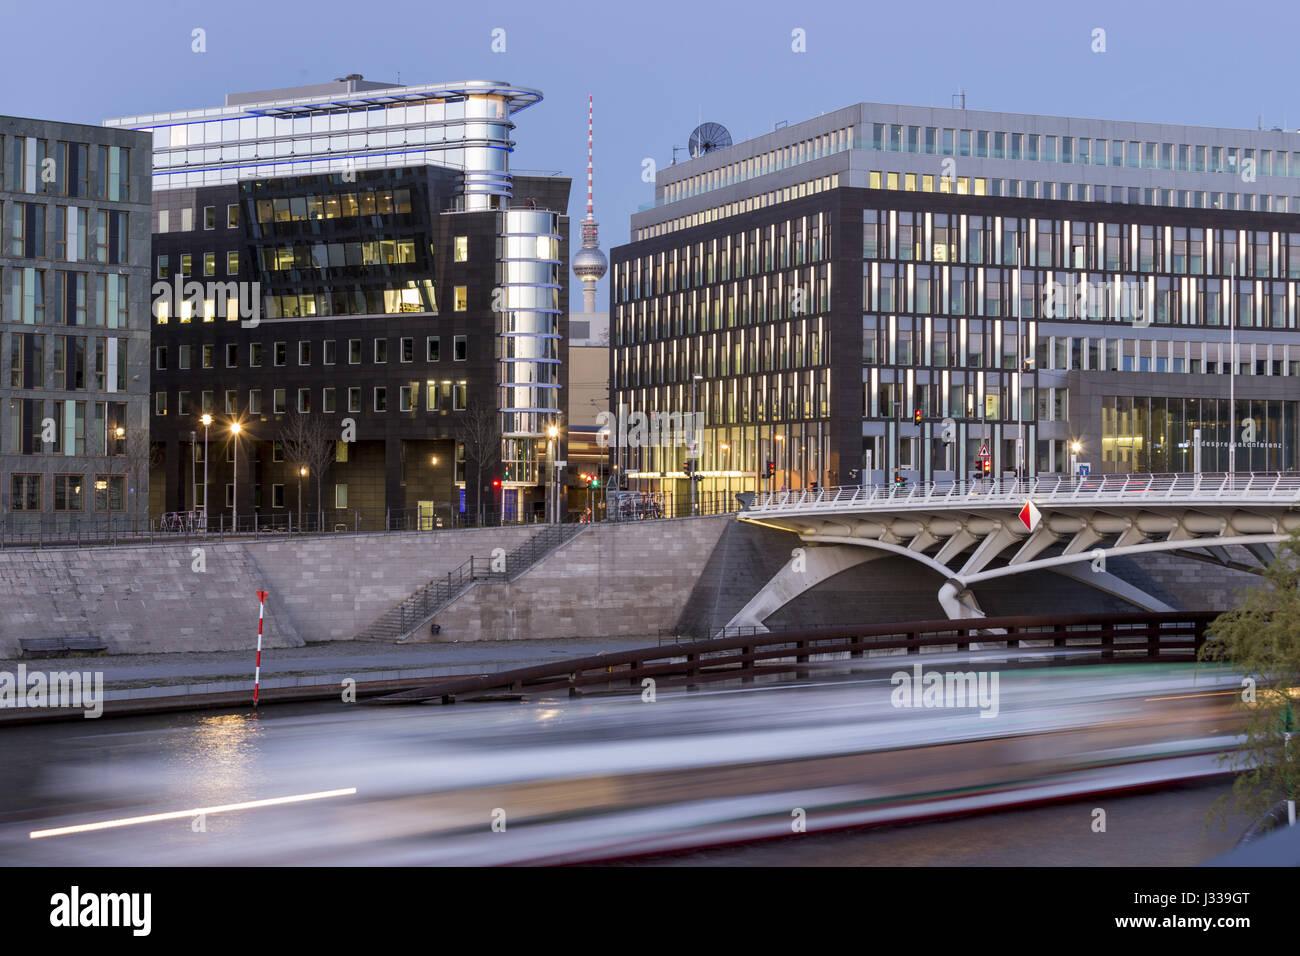 Kronprinzen Bridge et de l'architecture moderne, pont Calatrava, Berlin, Allemagne Banque D'Images